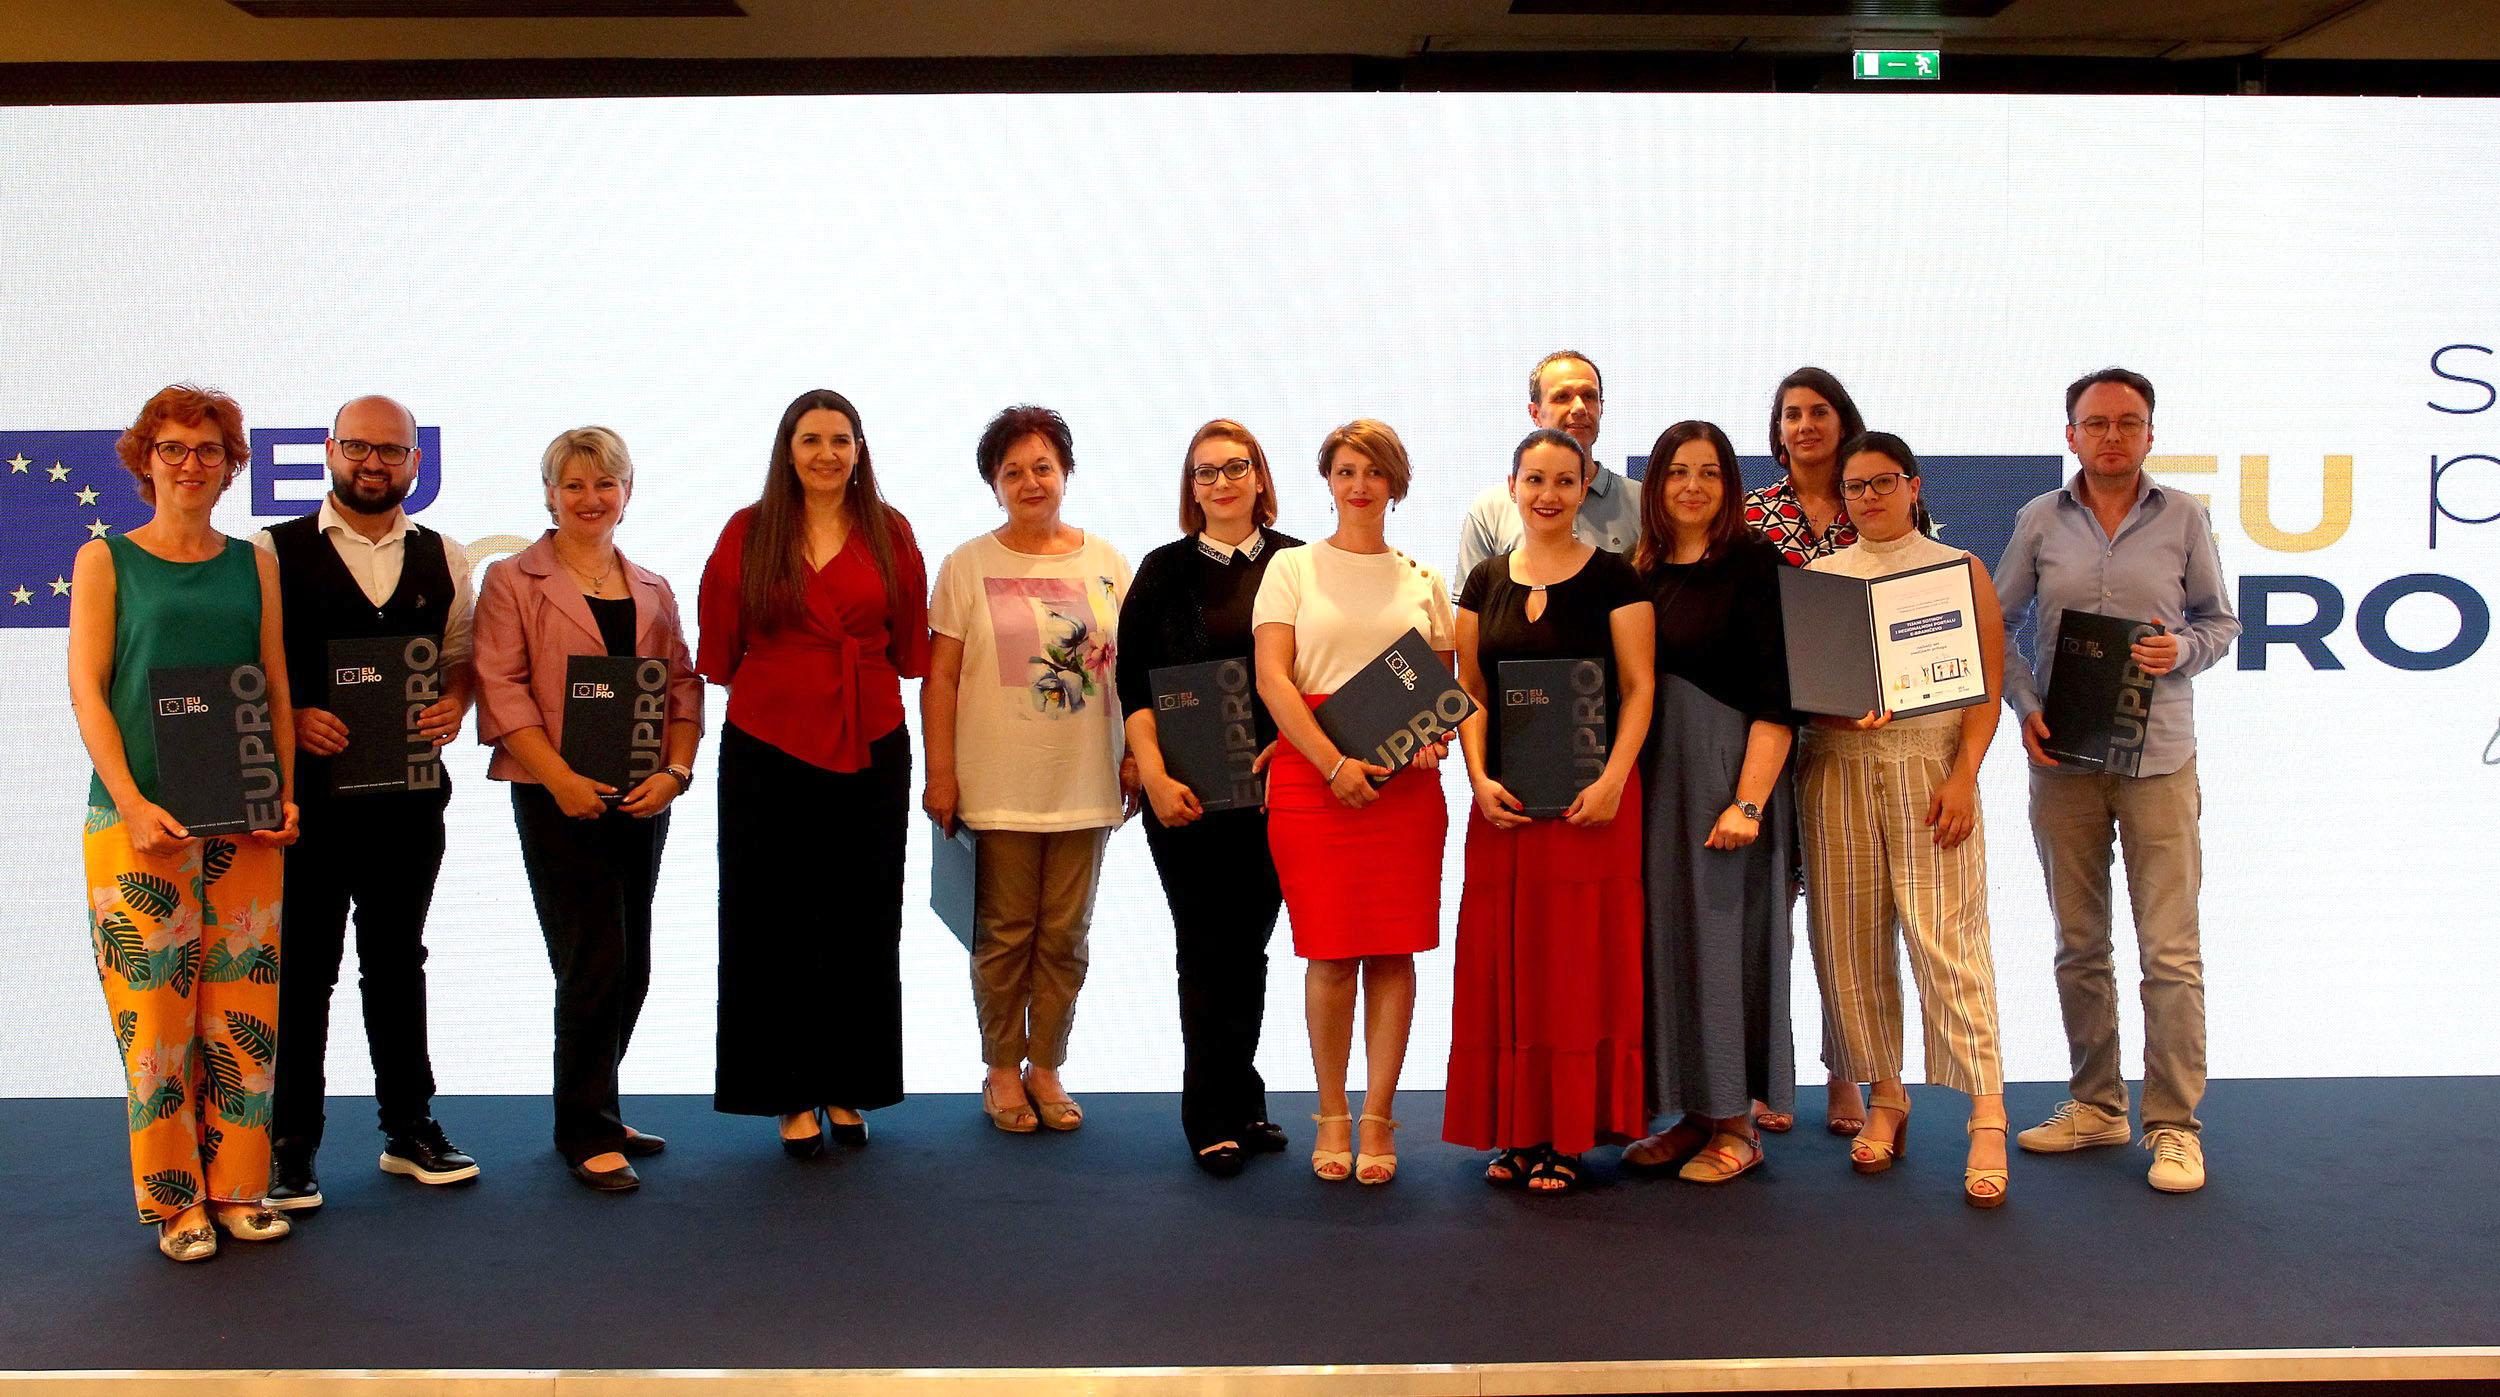 Nagrađeni najbolji novinari iz Novog Pazara na konkursu EU PRO (video)